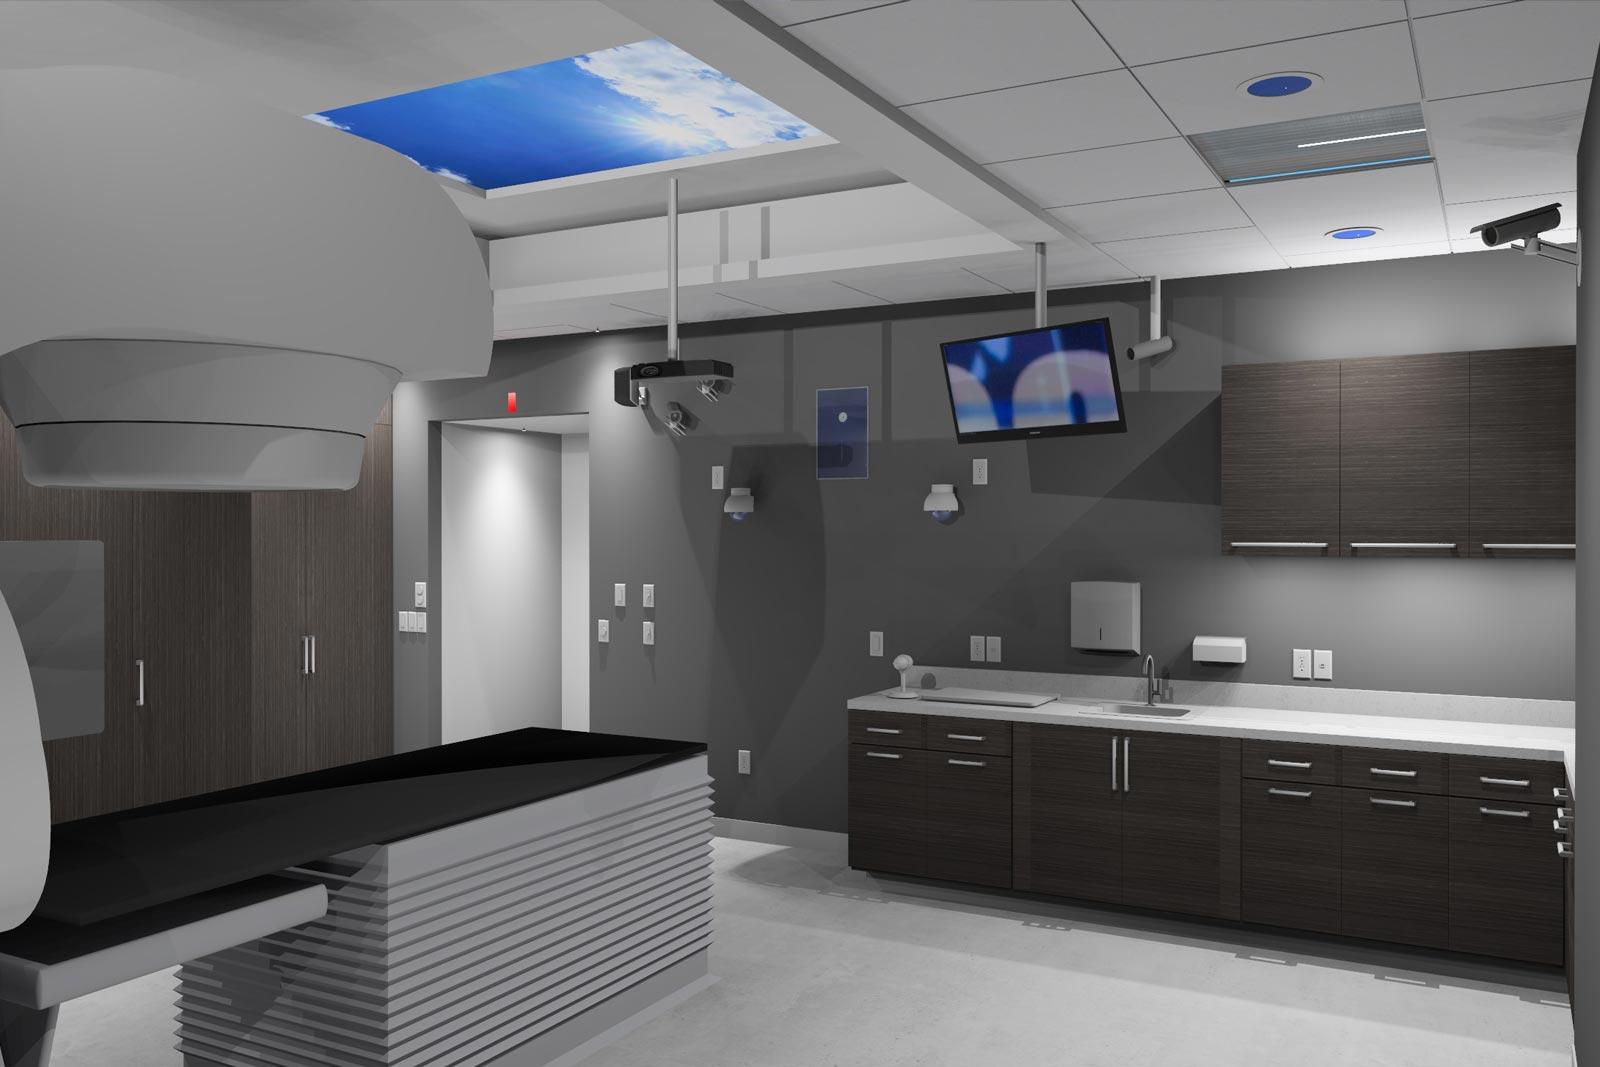 Santa Clara Medical Center - Rad Occ Treatment room upgrade